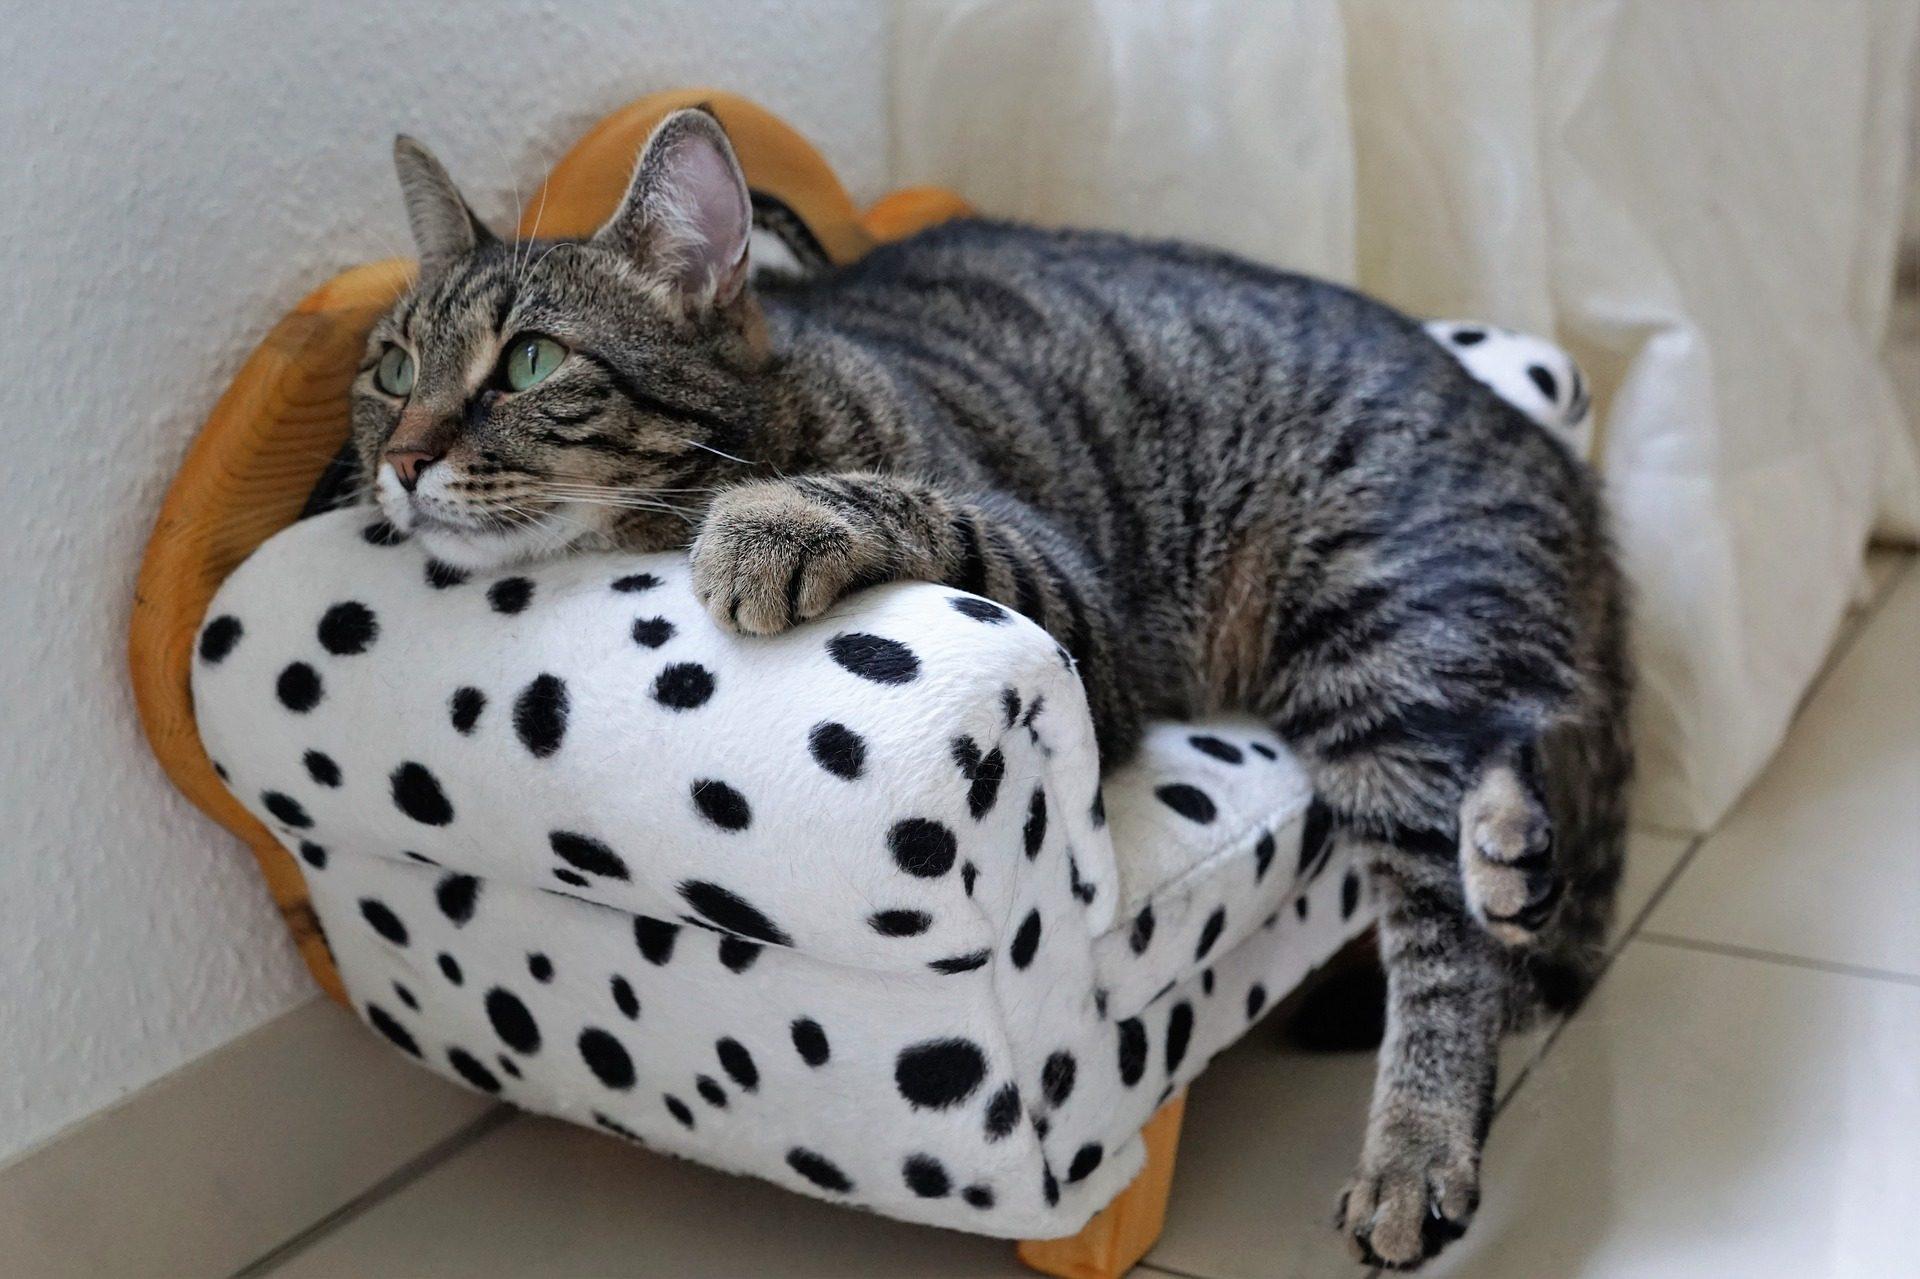 gatto, sedile, sillón, divano, moteado, Animale domestico - Sfondi HD - Professor-falken.com